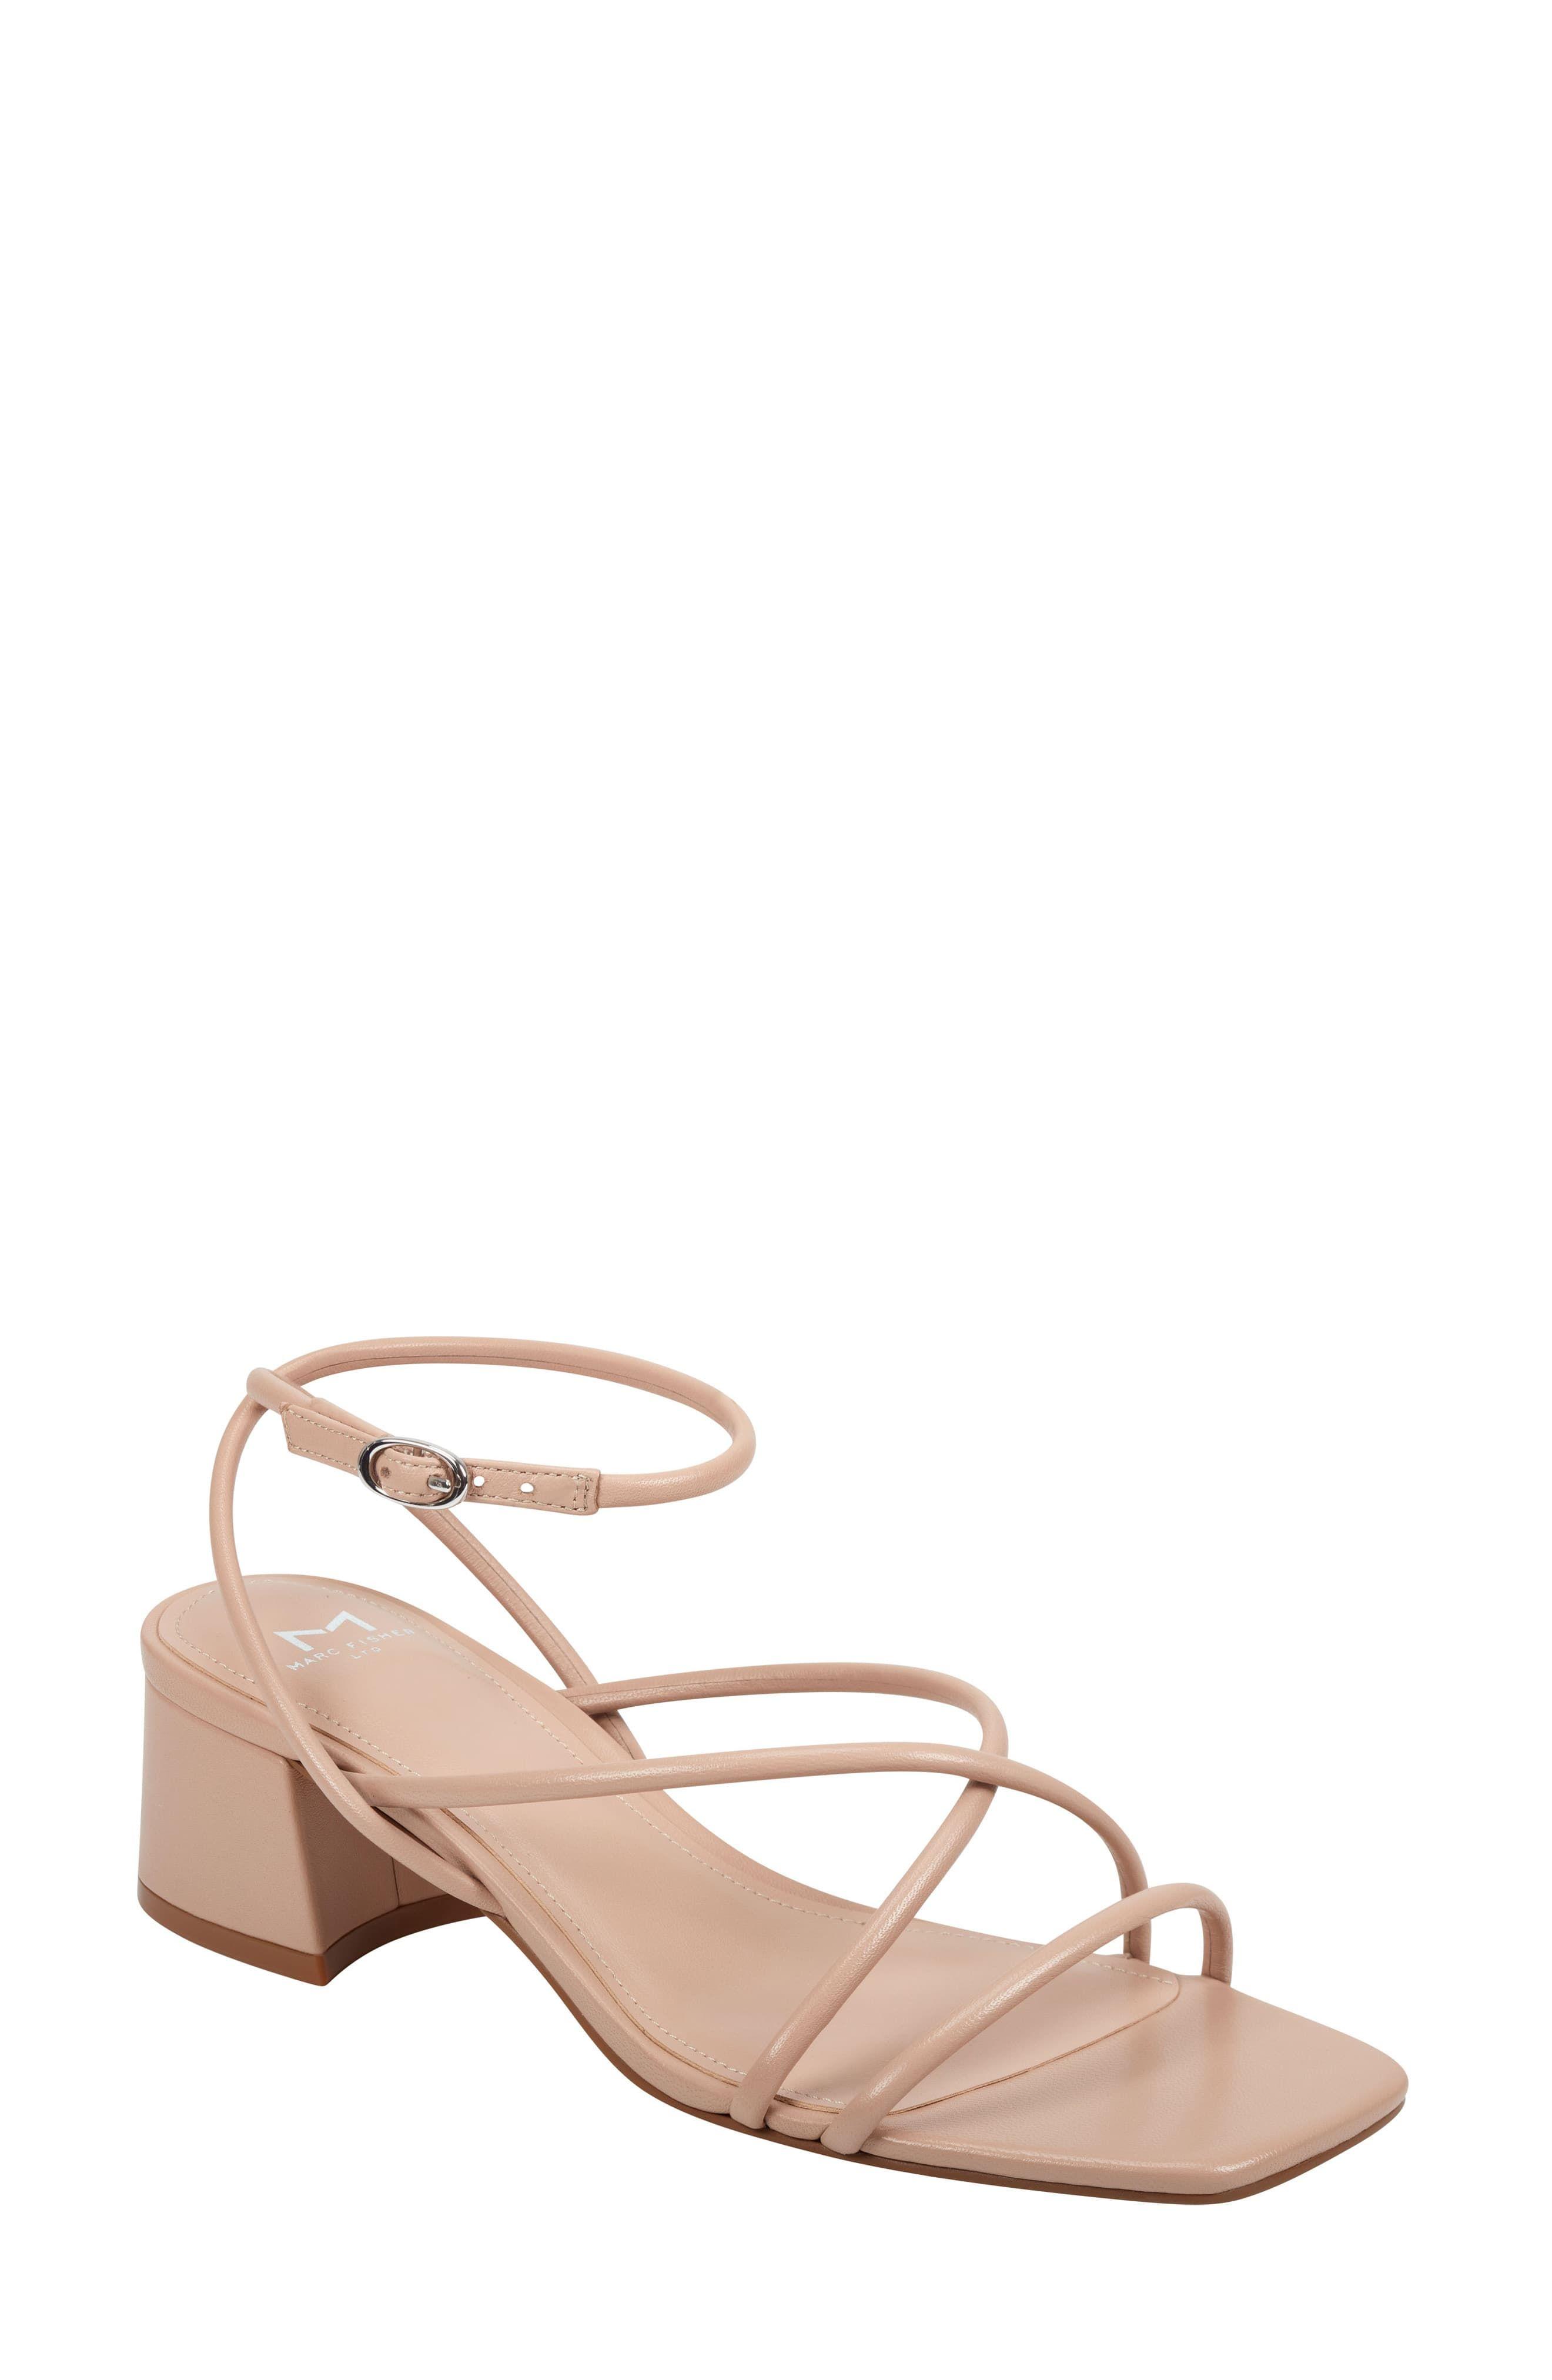 Yeezy Suede Sandals (Season 2) | Beige sandals heels